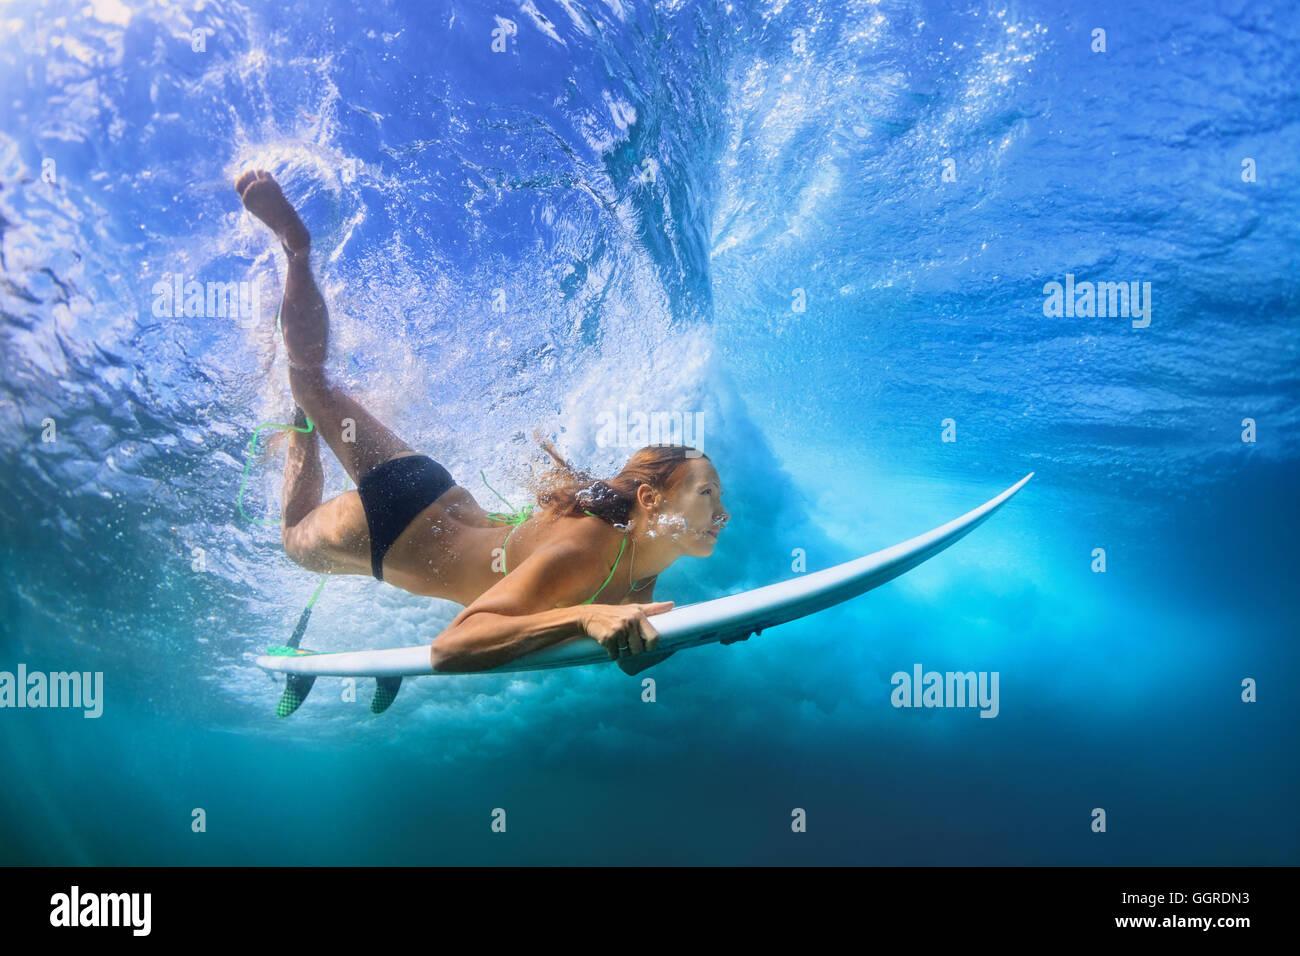 Activa joven chica en bikini en acción - surfer con surf buceo bajo submarino Rompiendo las olas del océano Imagen De Stock